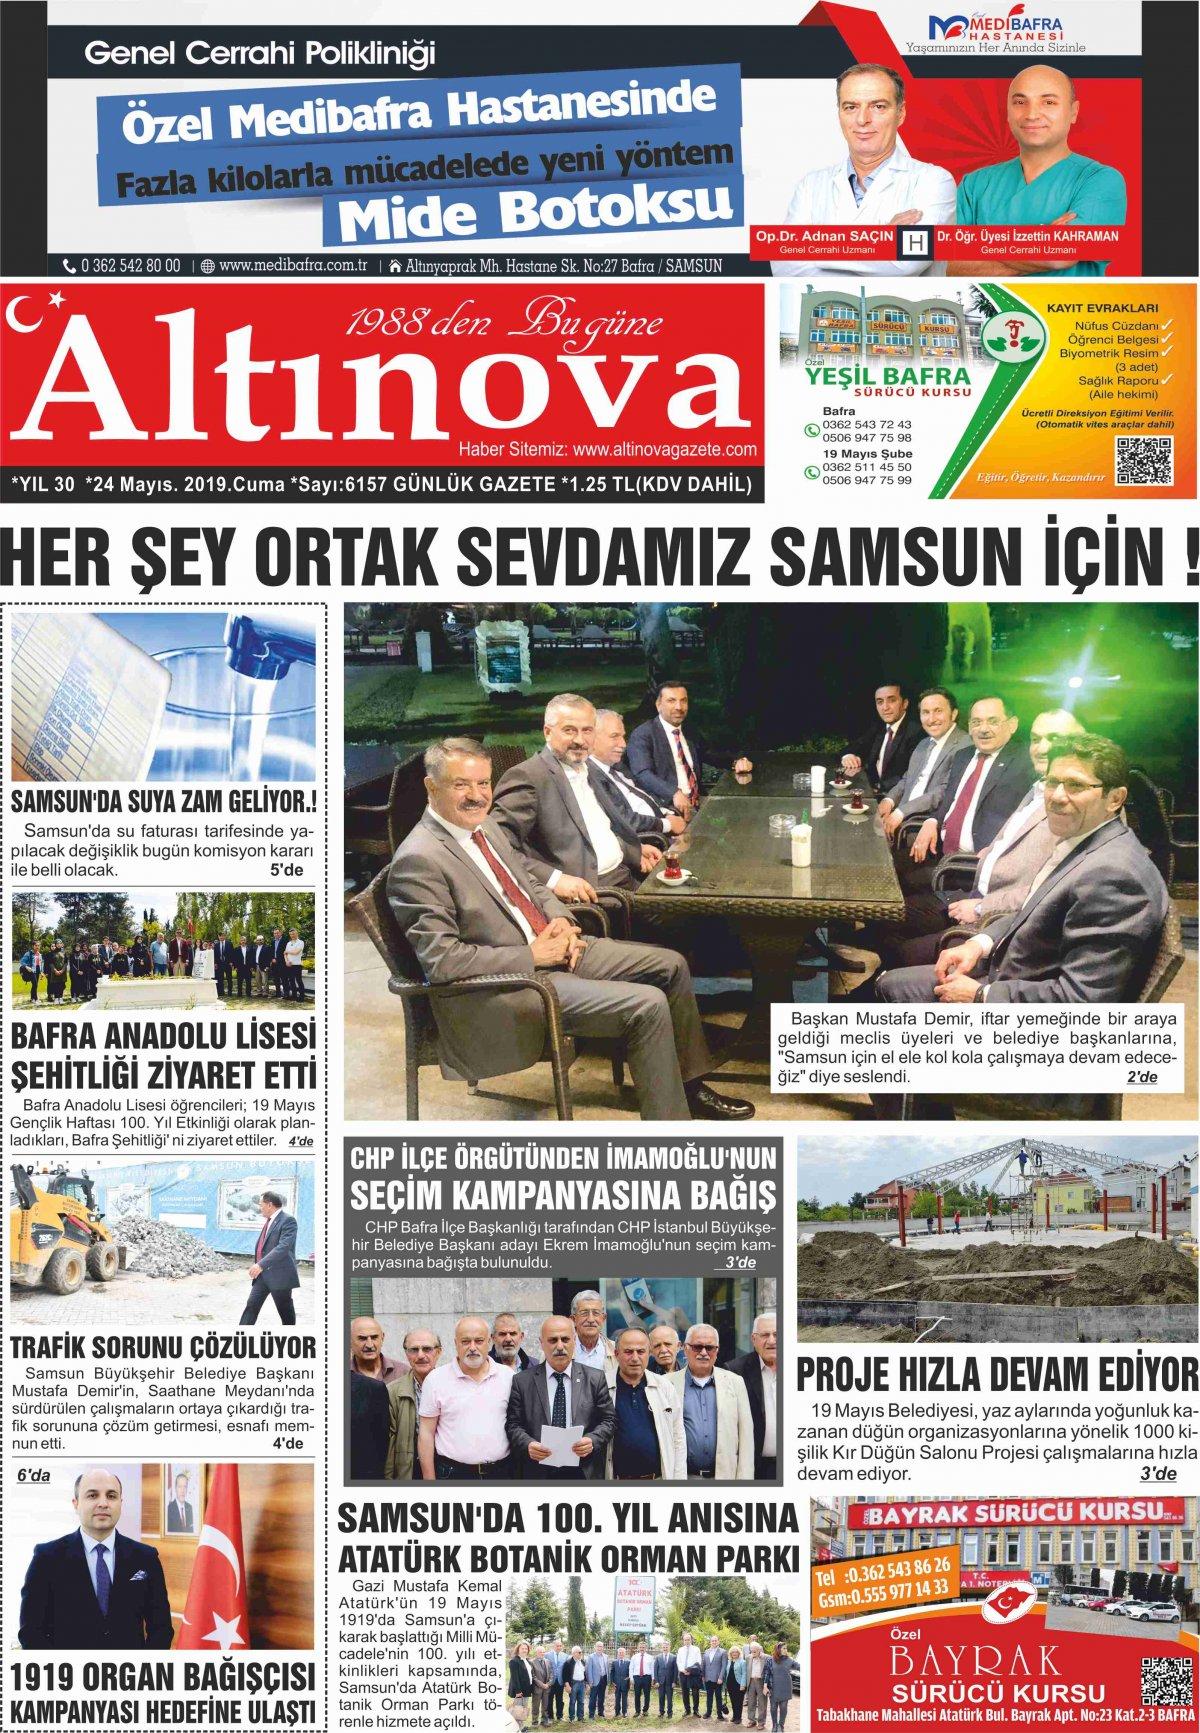 Samsun Bafra Haberleri | Samsun Haberleri - Haber, Haberler - 24.05.2019 Manşeti